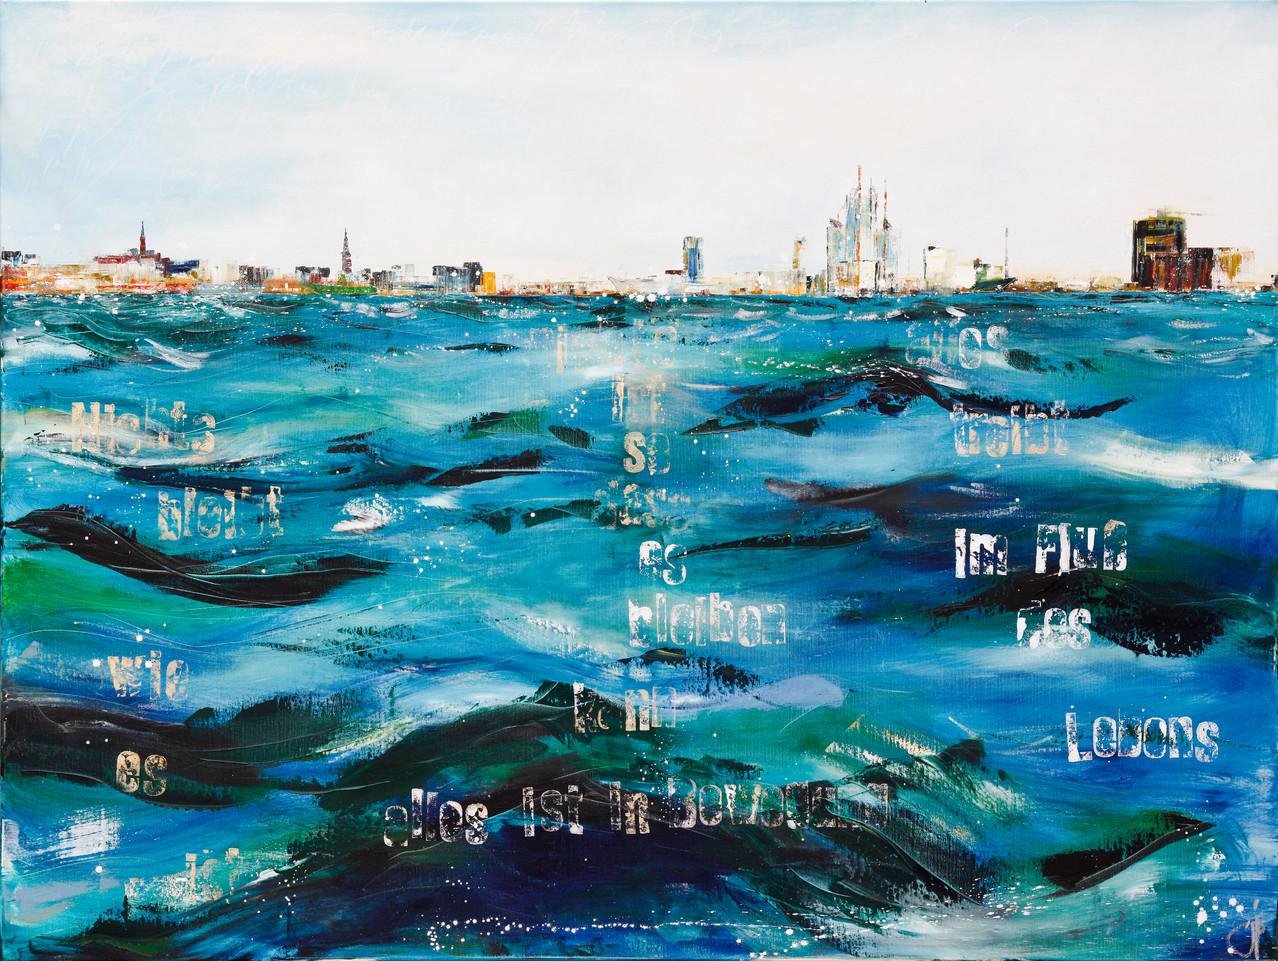 Im Fluß des Lebens, 160 cm x 140 cm, Öl auf Leinwand, 2012